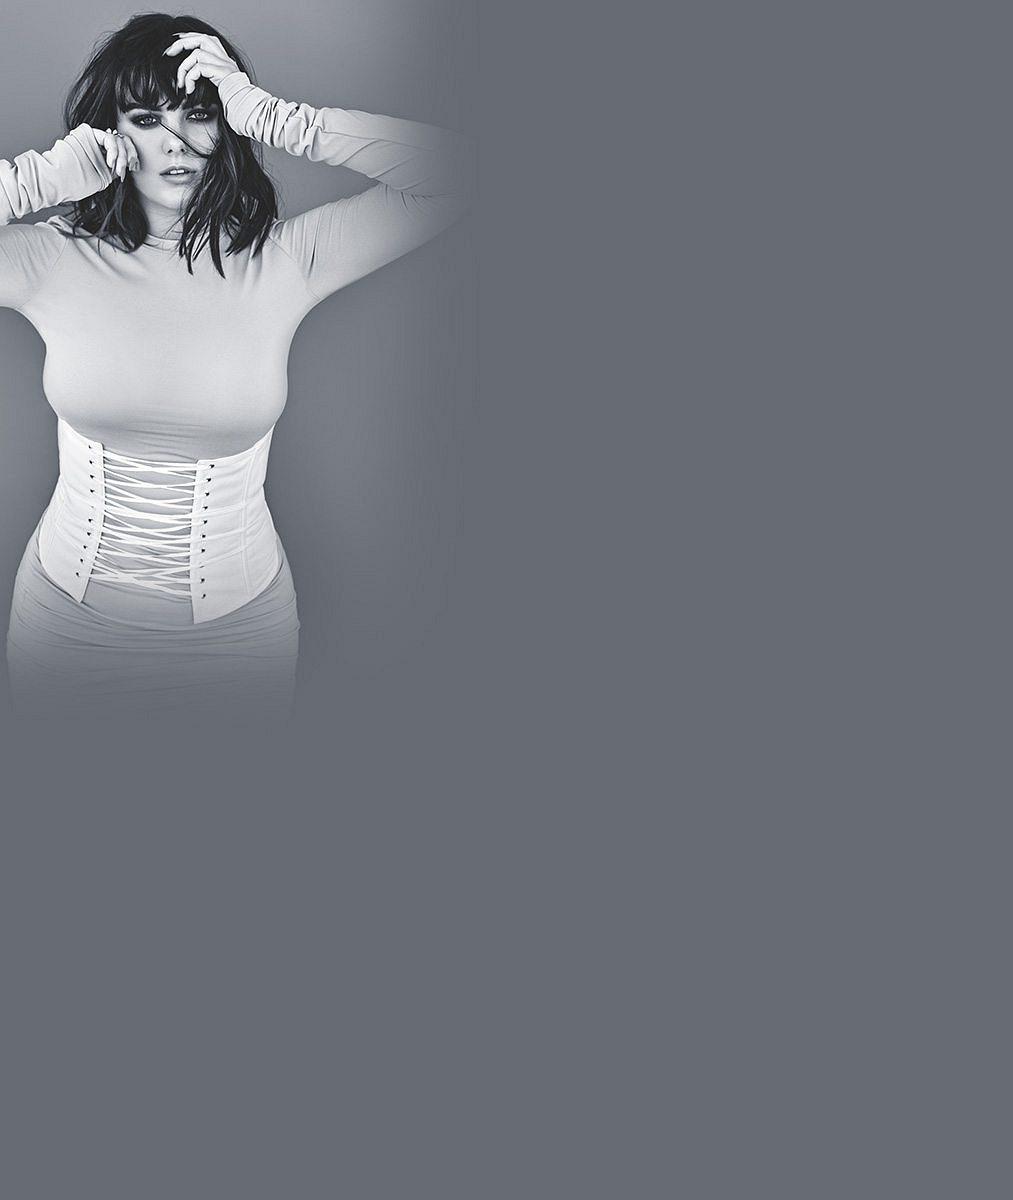 Největší módní výstřelky experimentátorky Farne: Od odpudivých modelů přes parádní kousky, které jí skvěle sedí